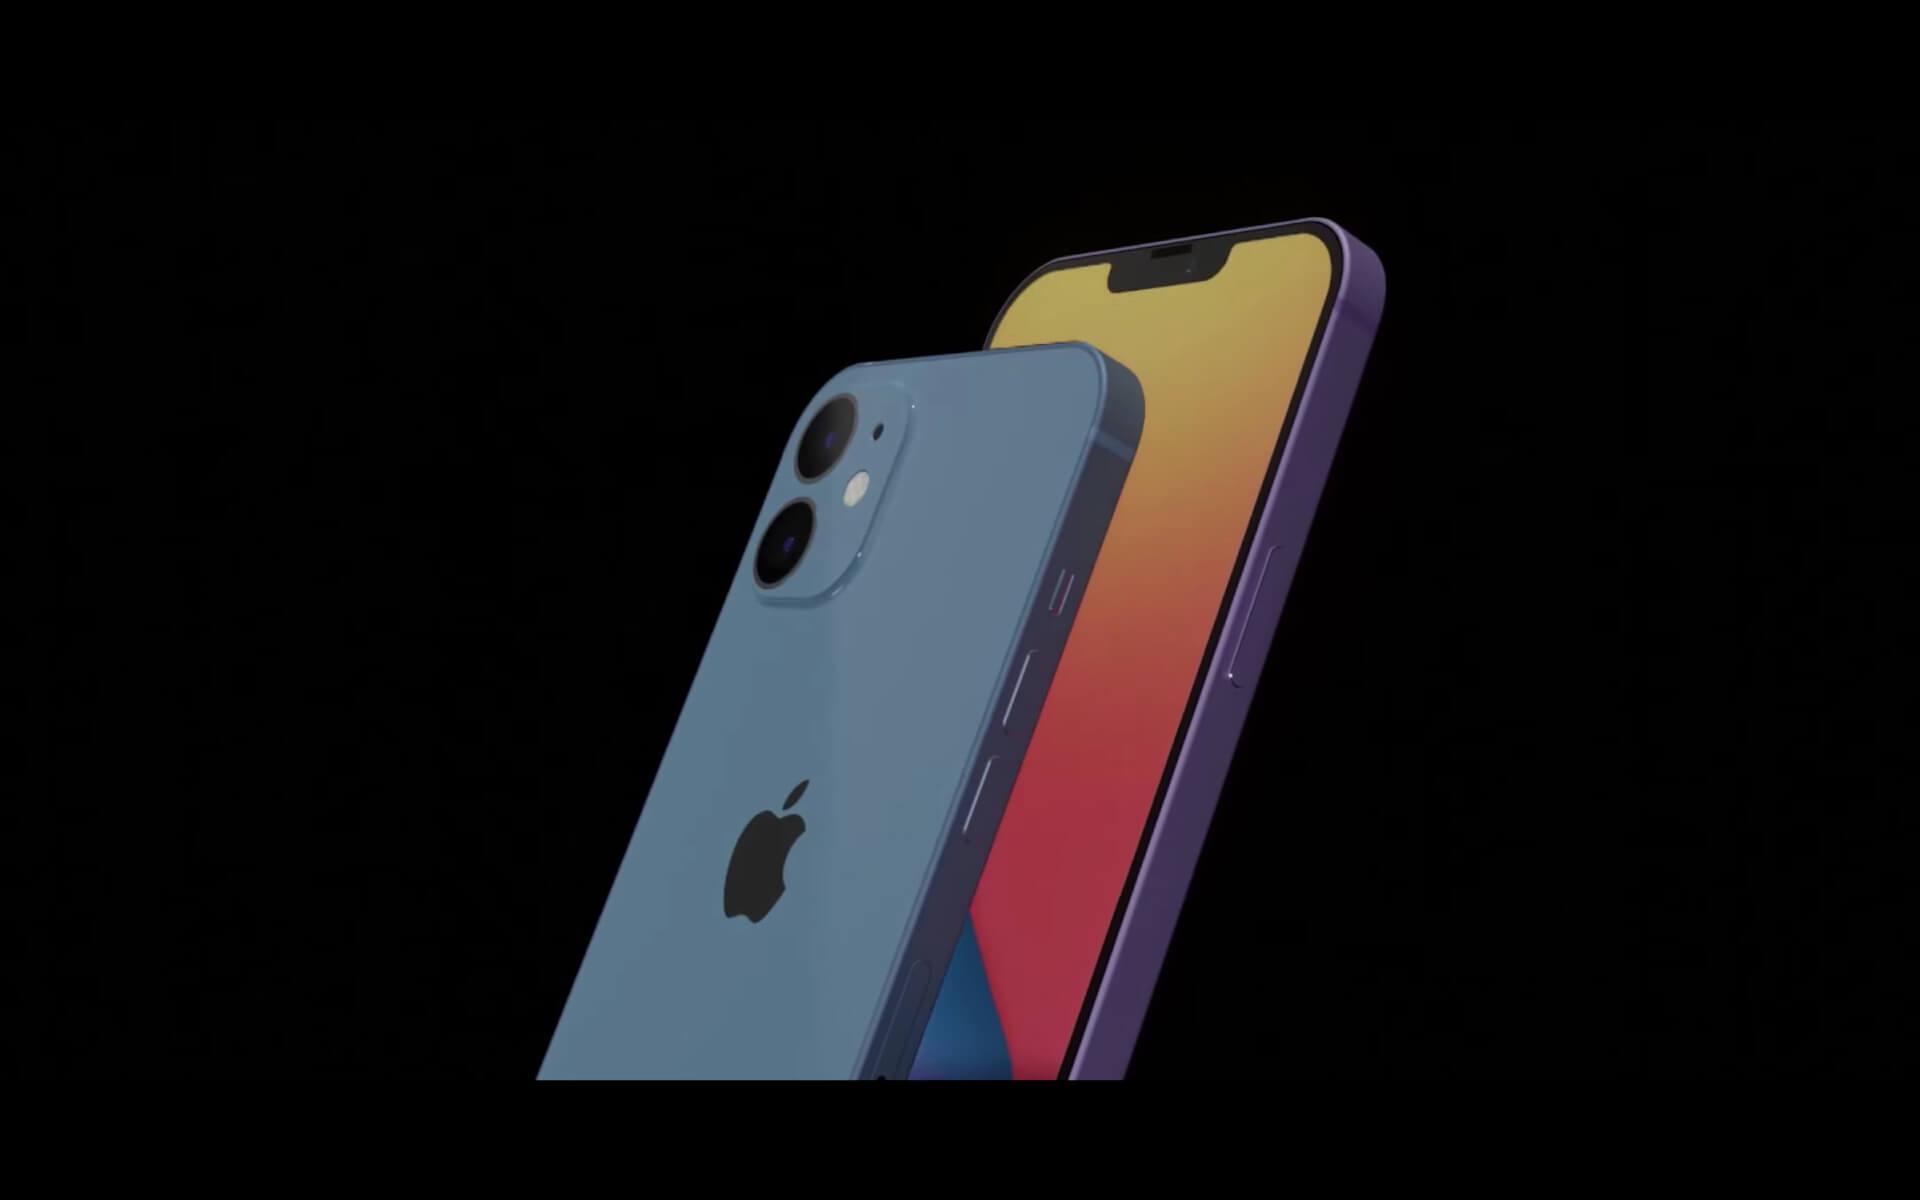 iPhone 12&12 Maxはこんな性能に?これまでの情報をまとめたコンセプト映像が公開 tech200713_iphone12_1